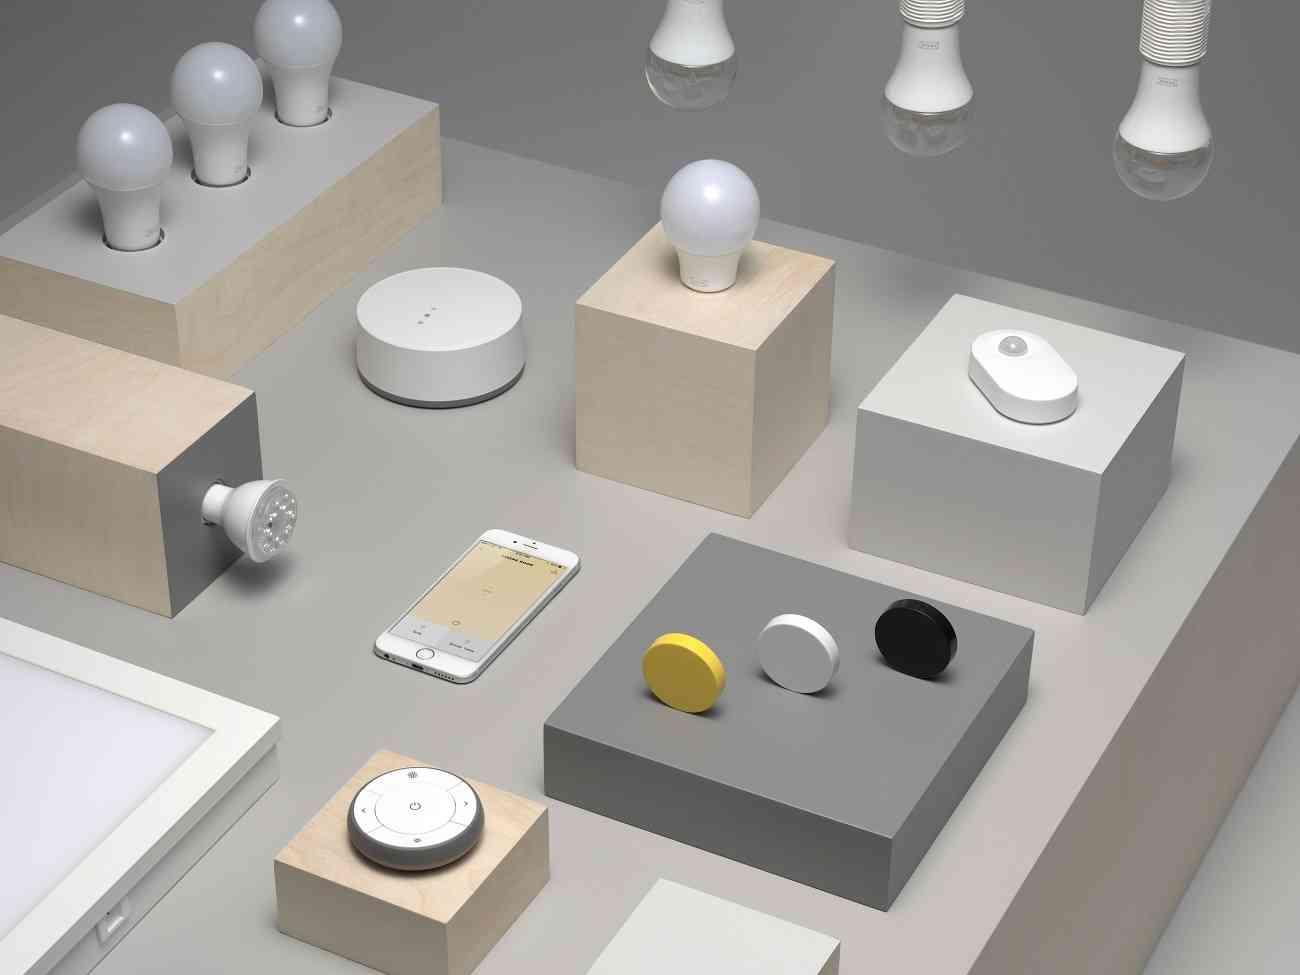 IKEA ofrece control por voz en su colección de iluminación inteligente 3